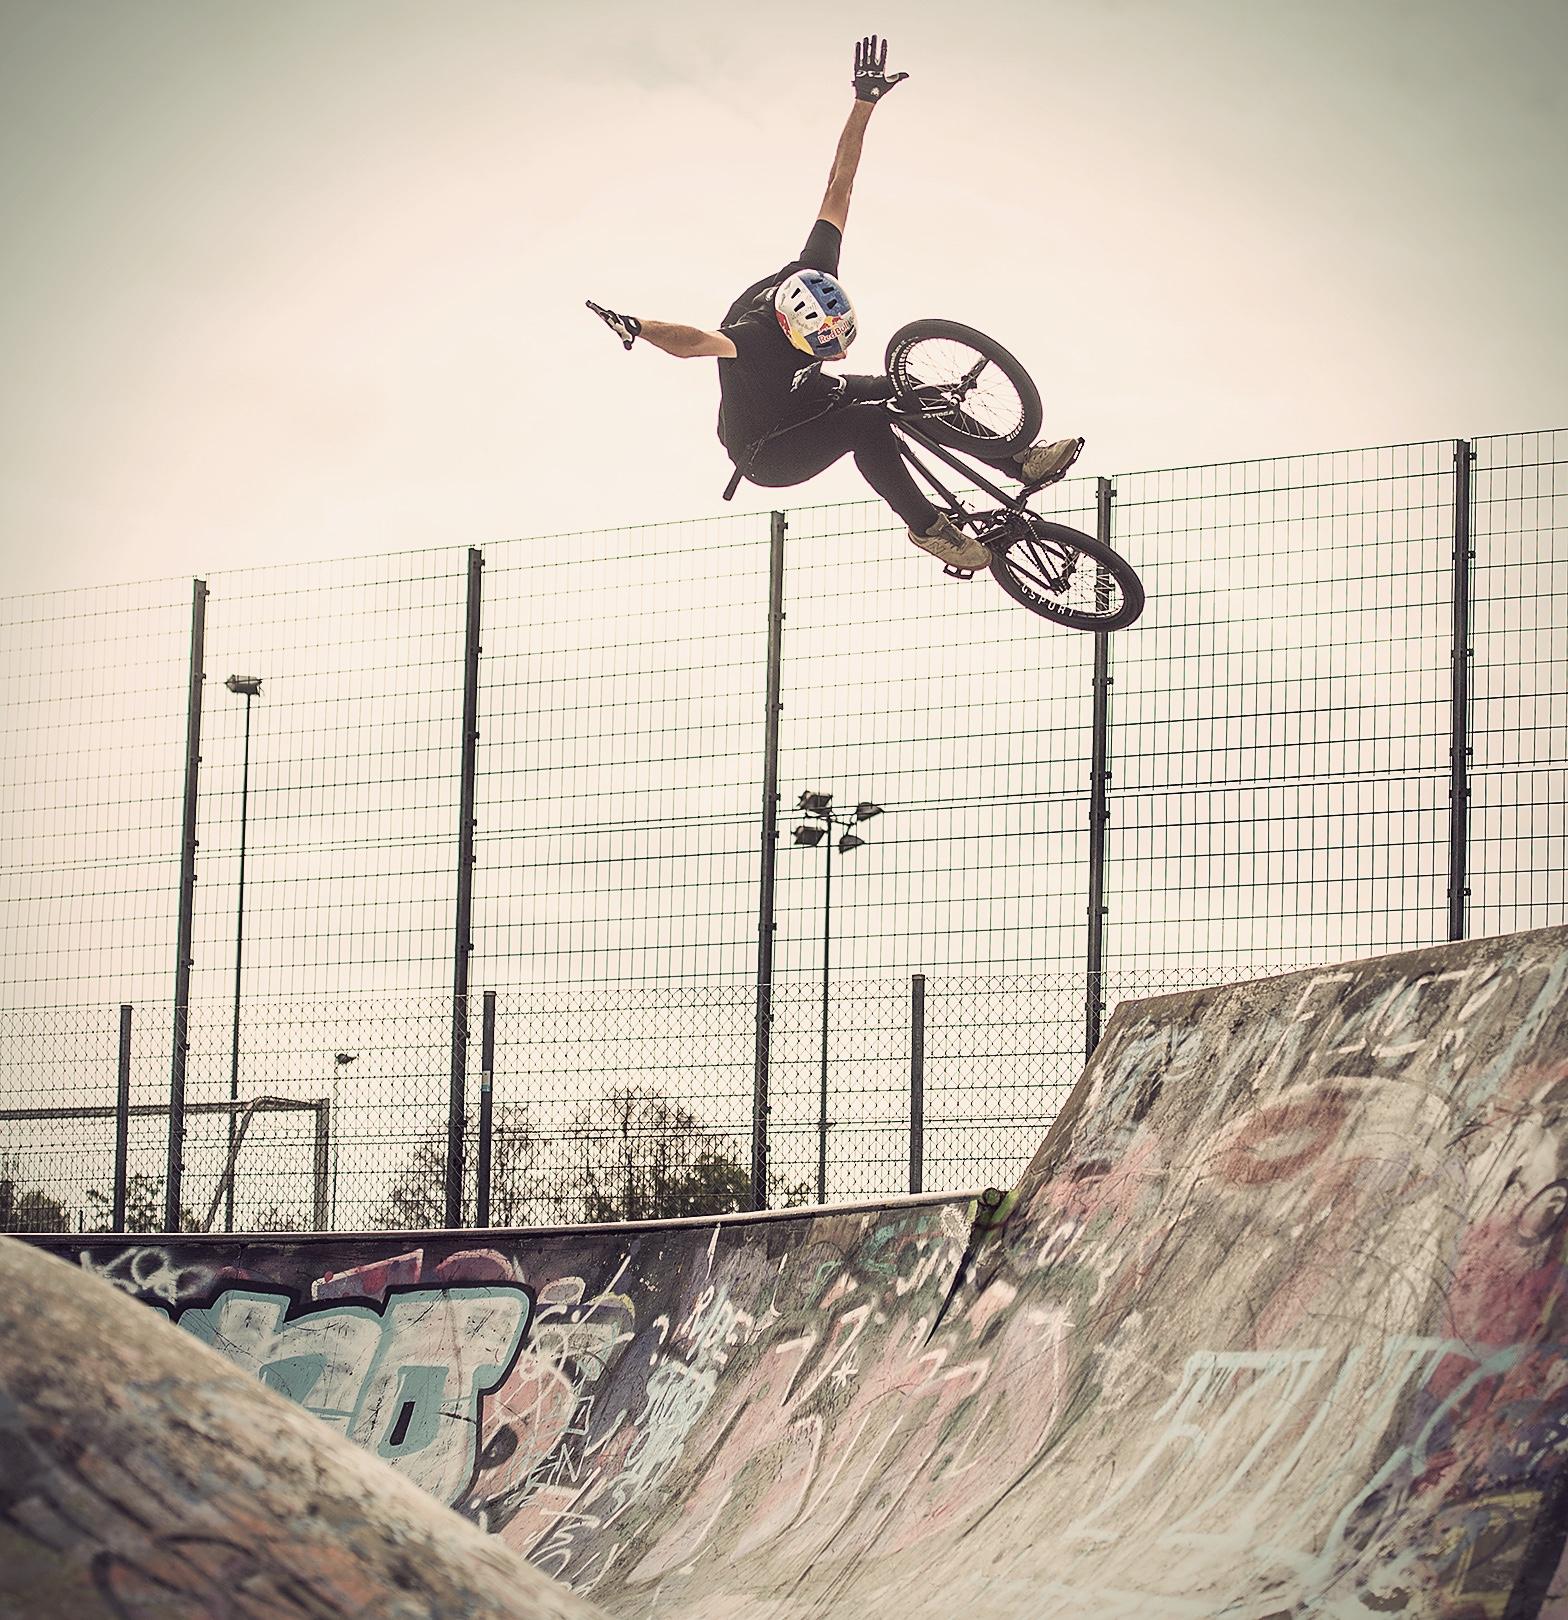 Skatepark Zurich bmx Daniel Wedemeijer